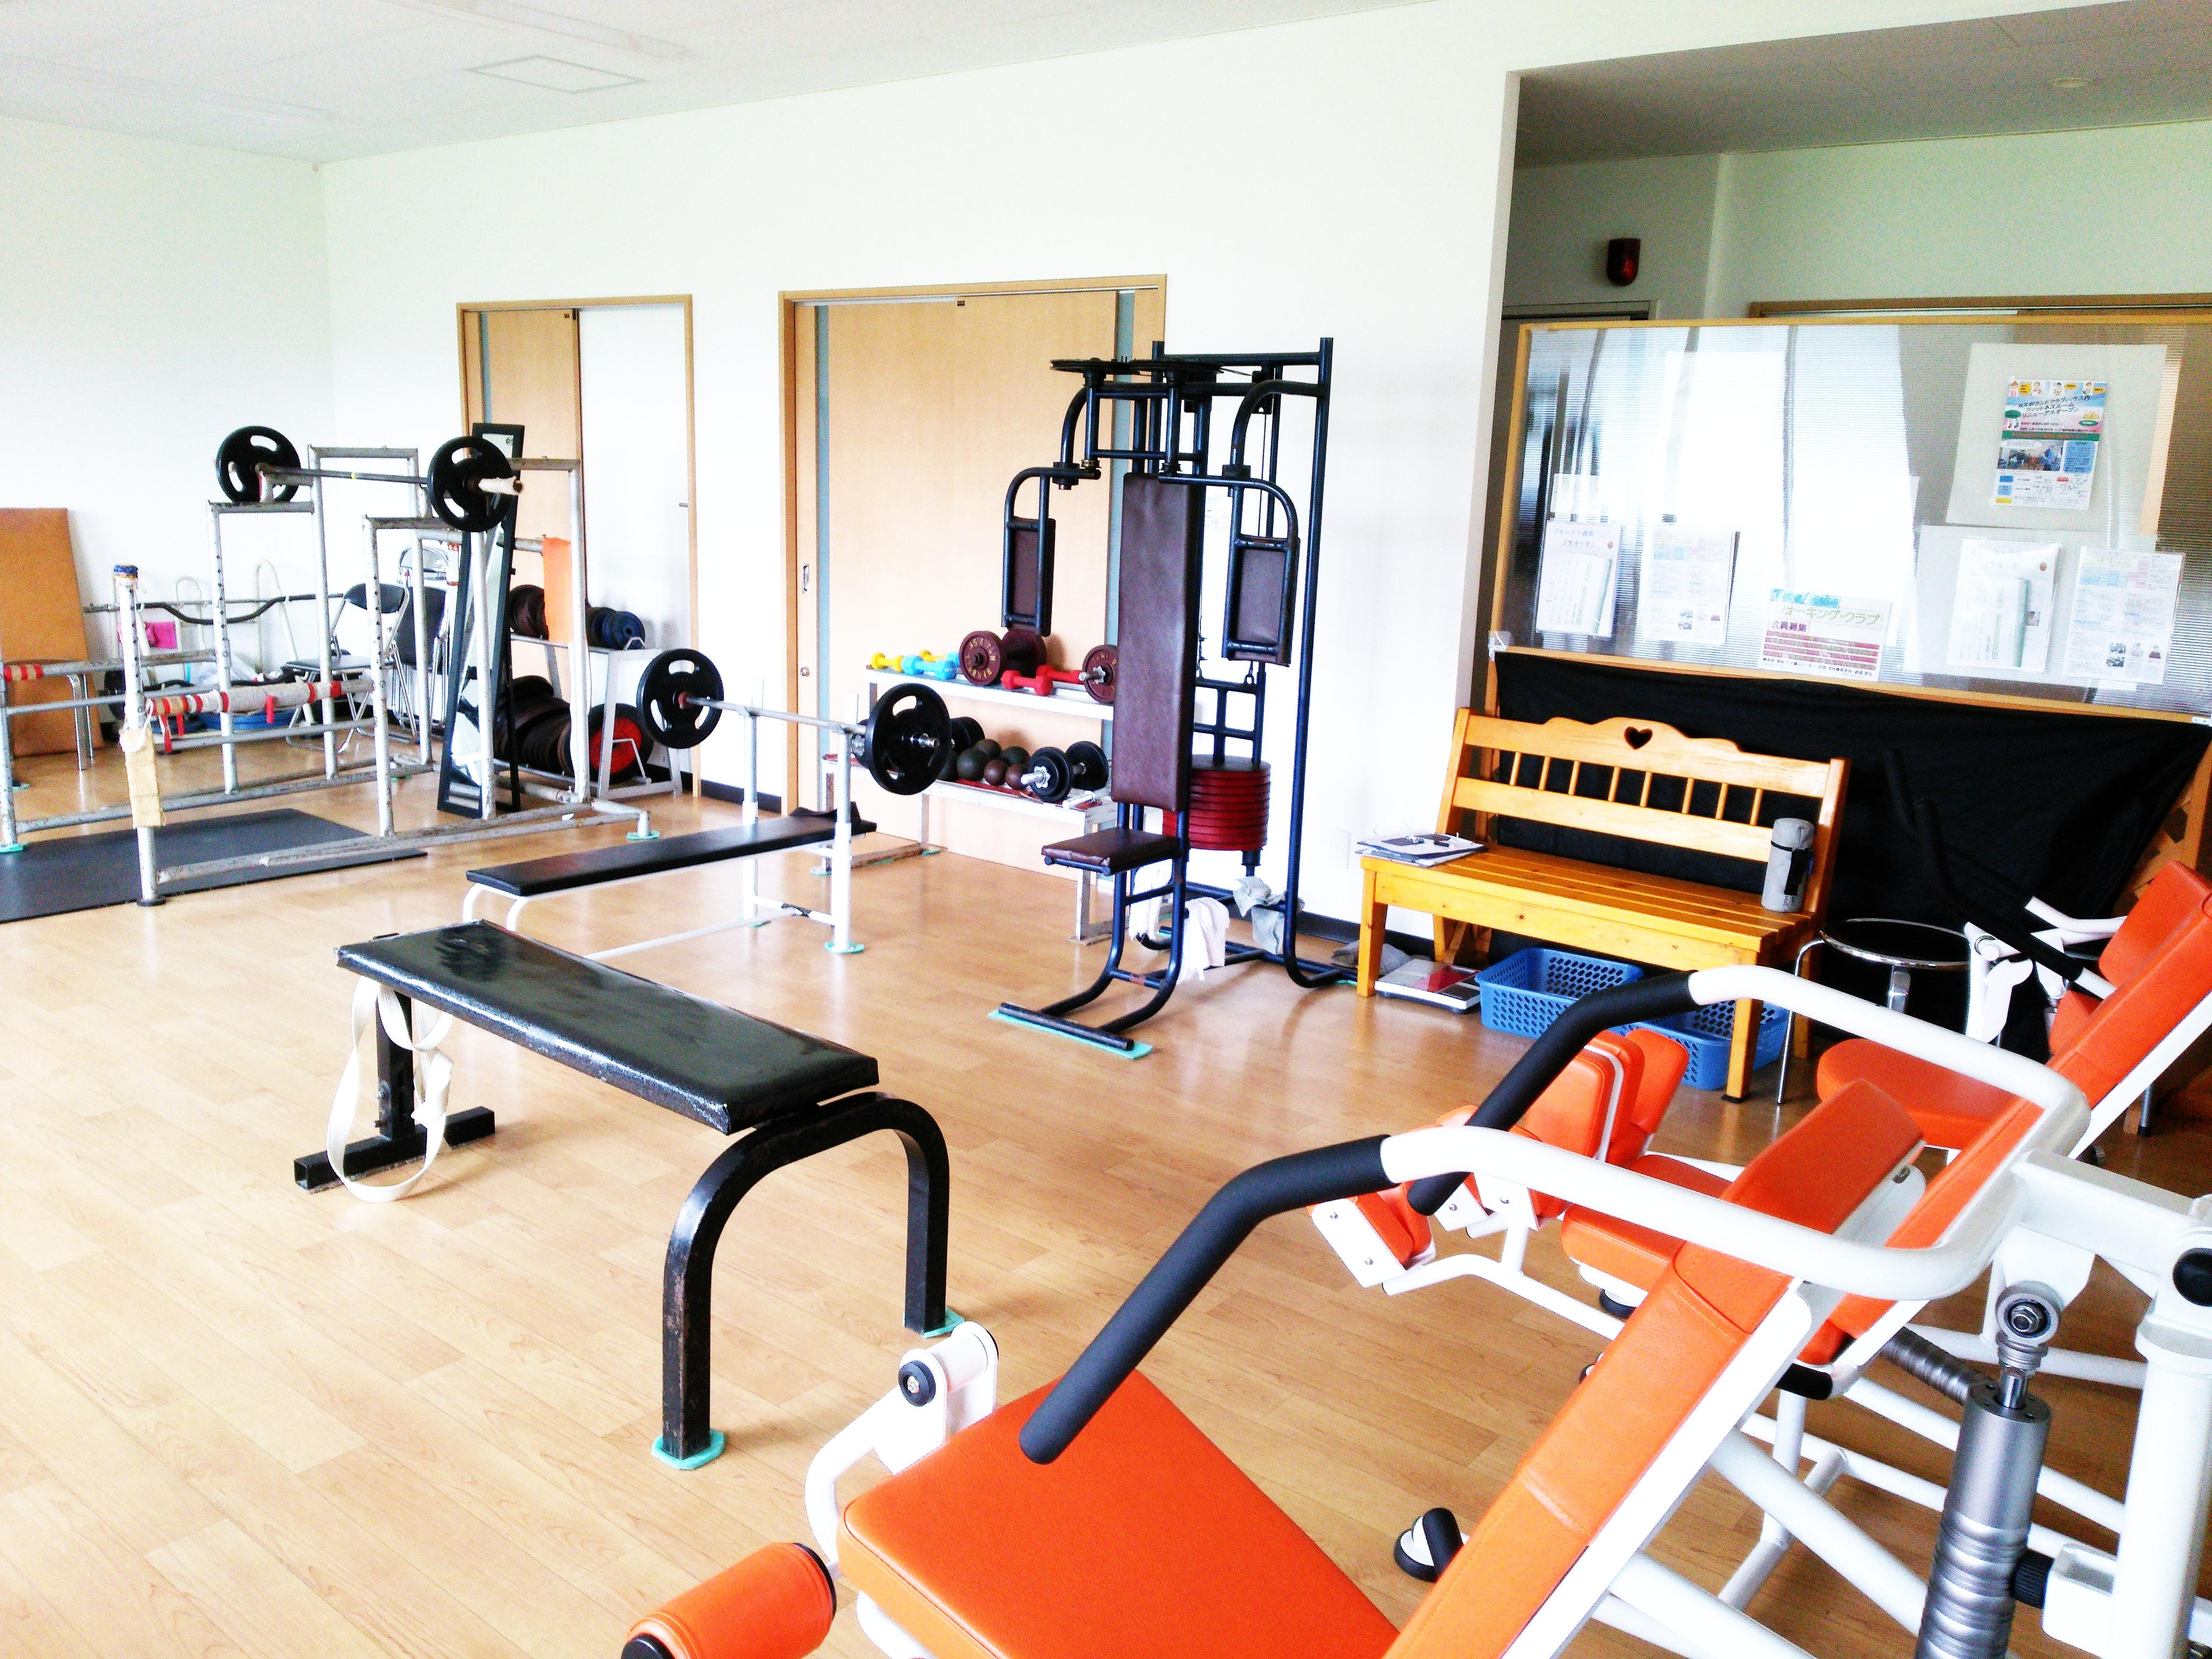 Nスポーツクラブ トレーニングルーム